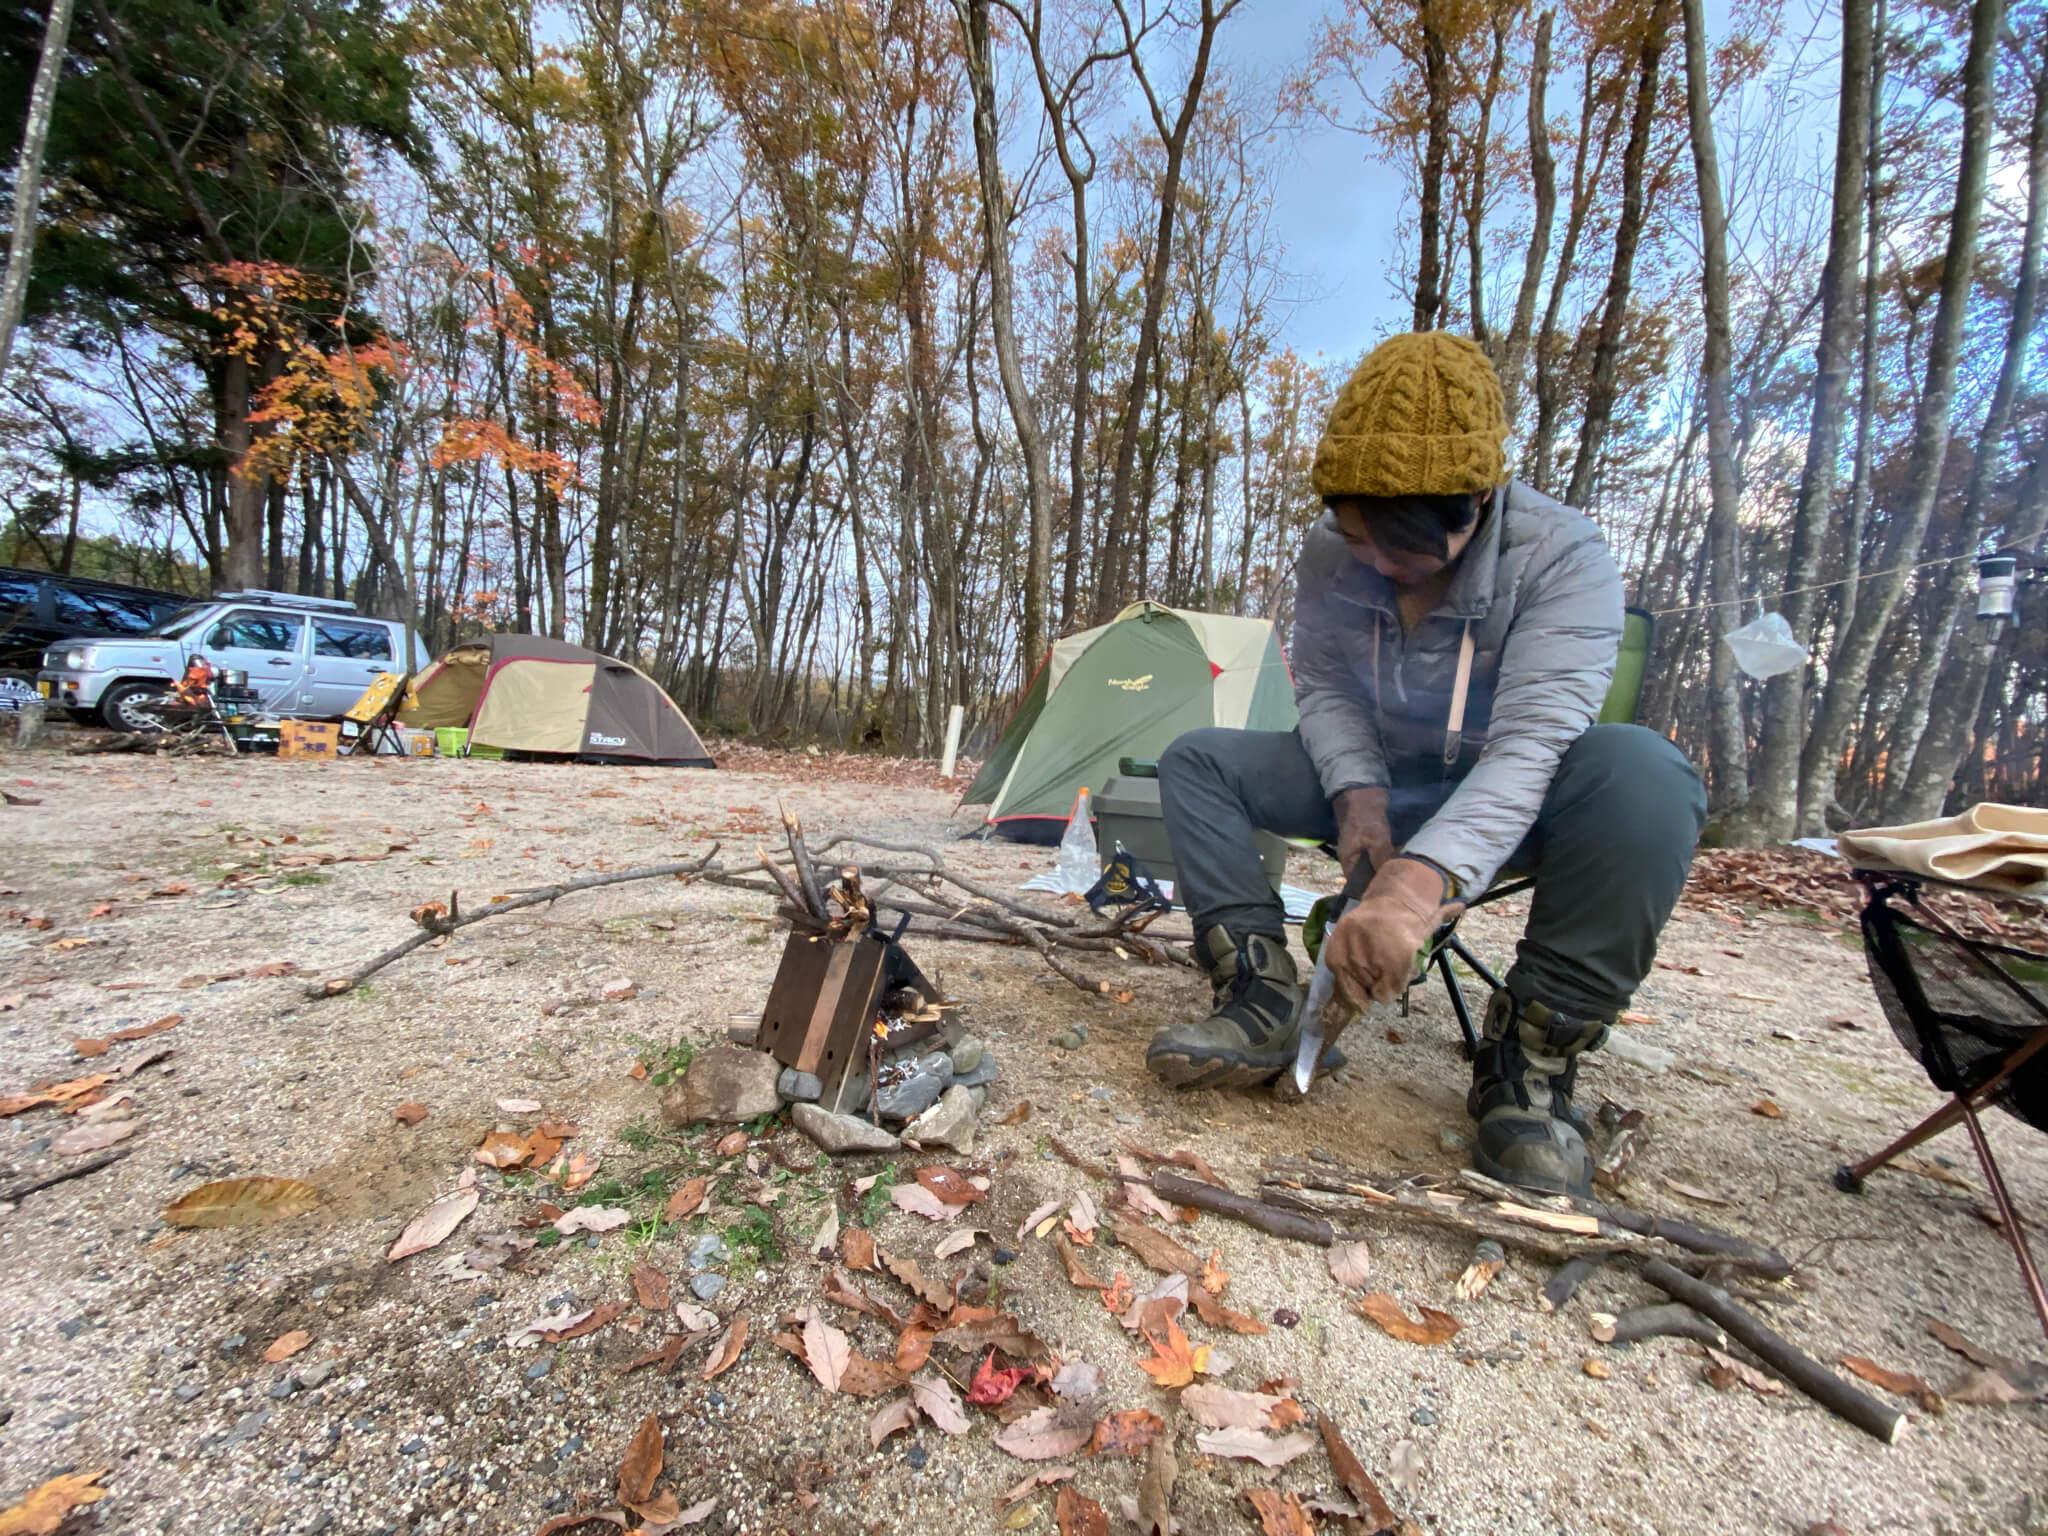 薪を割る女性